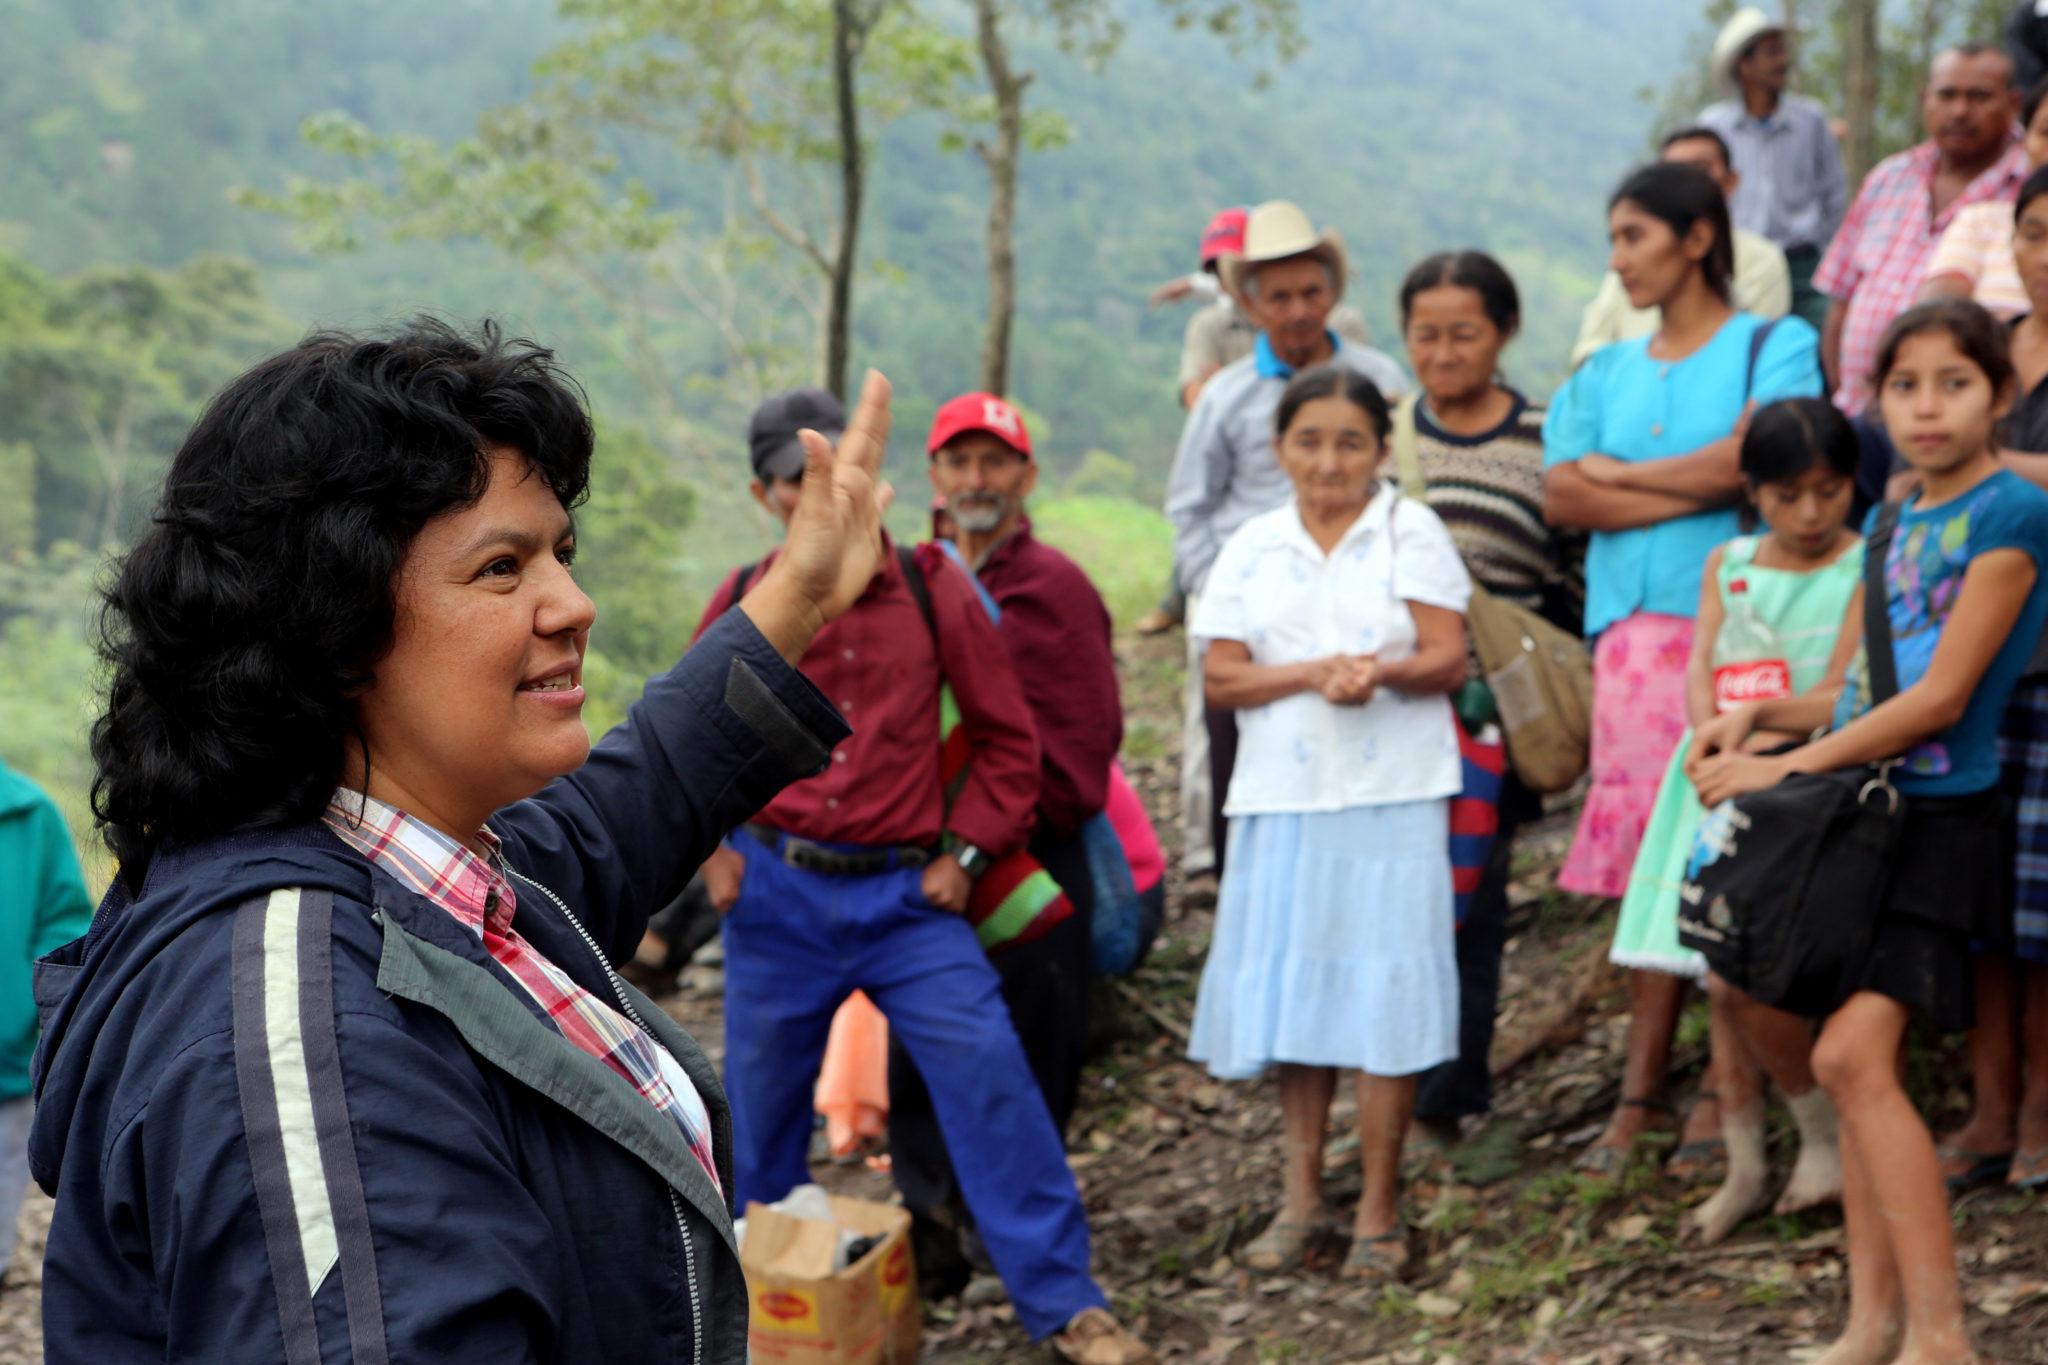 Justice for Berta